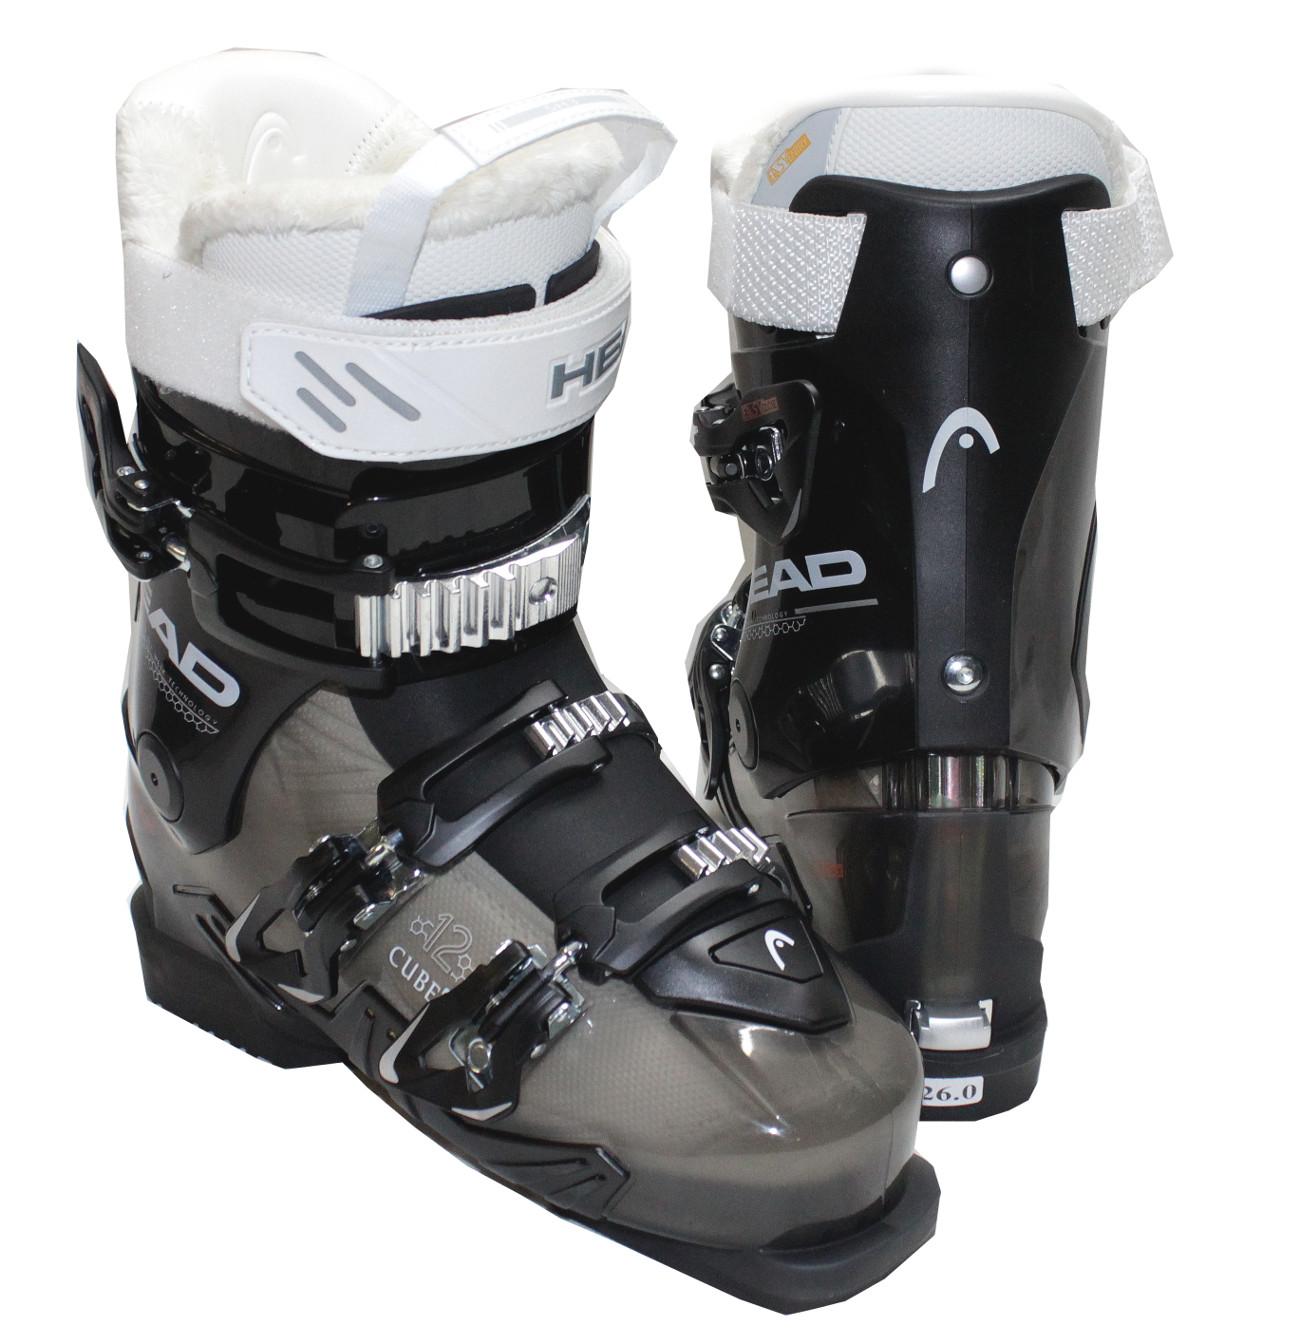 Head Cube 3 8 X W Skischuh Damen Heat Fit Innenschuh black anthracite Schuh S-N